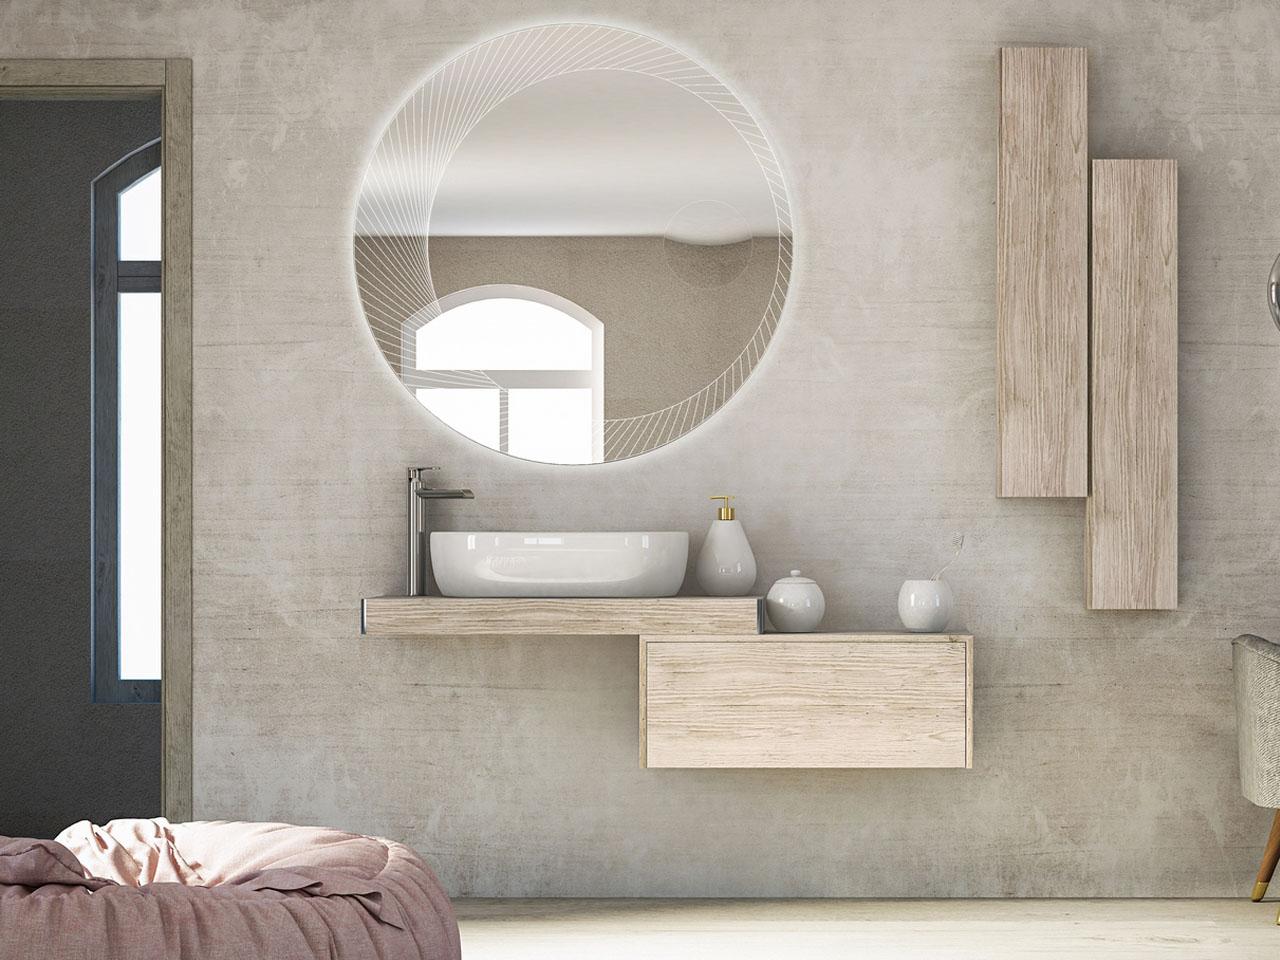 Baden Haus Bagni Moderni.Baden Haus Mobili Bagno Mobili Da Bagno Edilceramiche Di Maccano